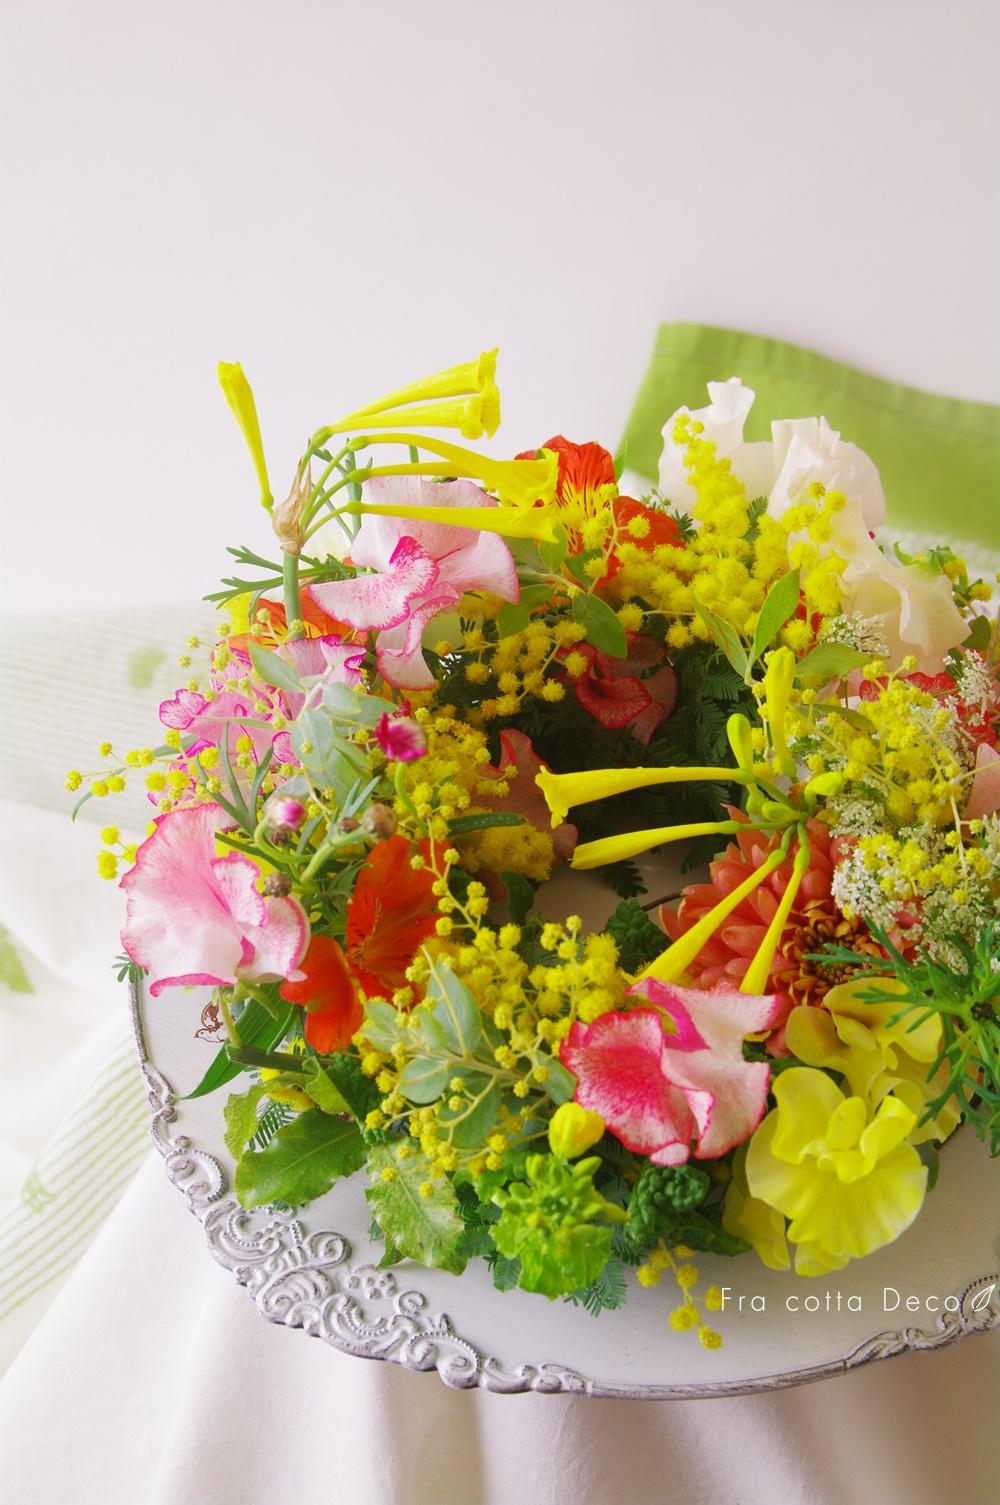 ミモザと季節のお花を使ったテーブルリース